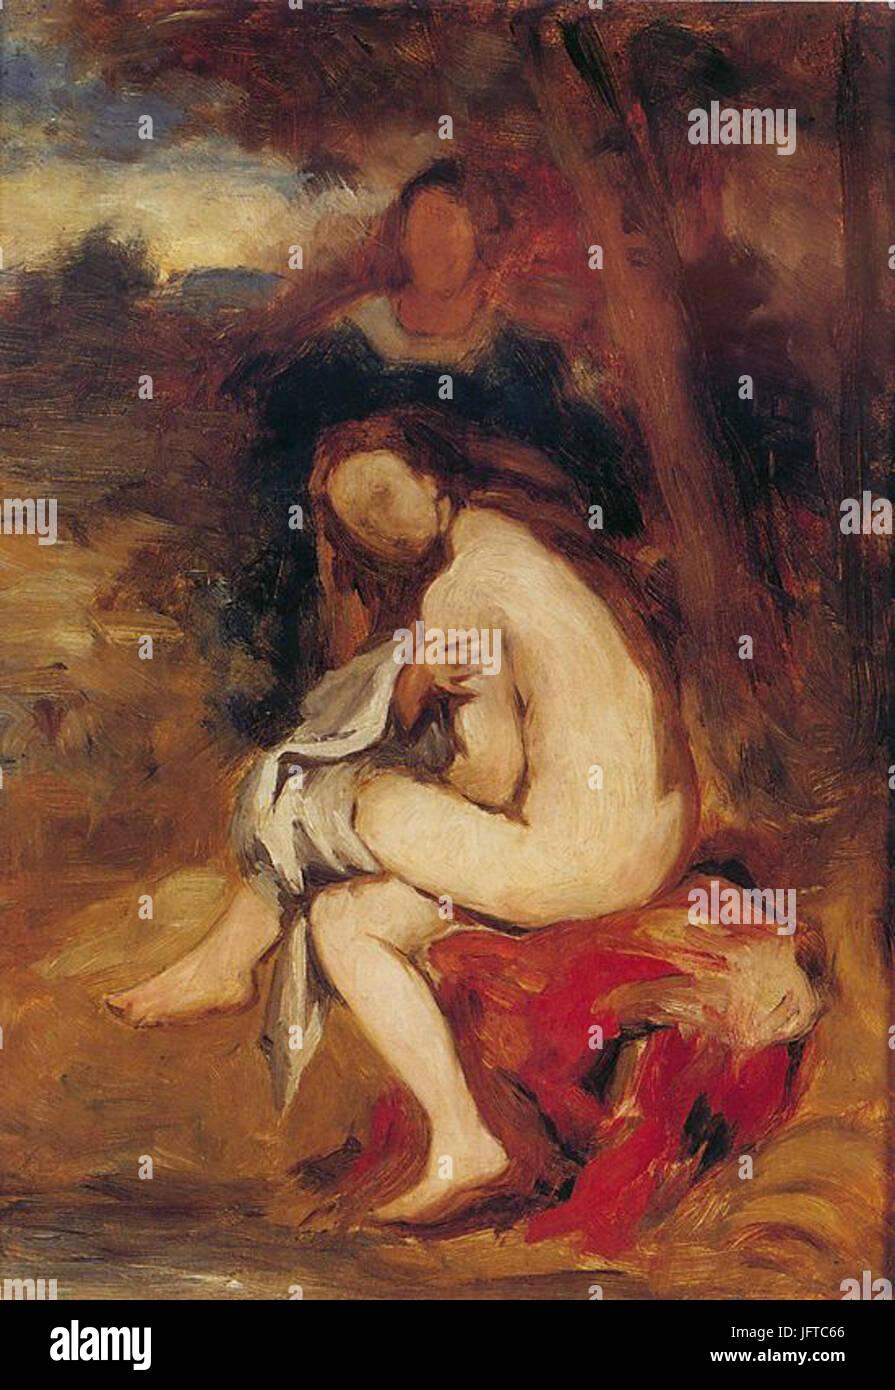 Édouard Manet - La nymphe surprise (RW 38) - Stock Image